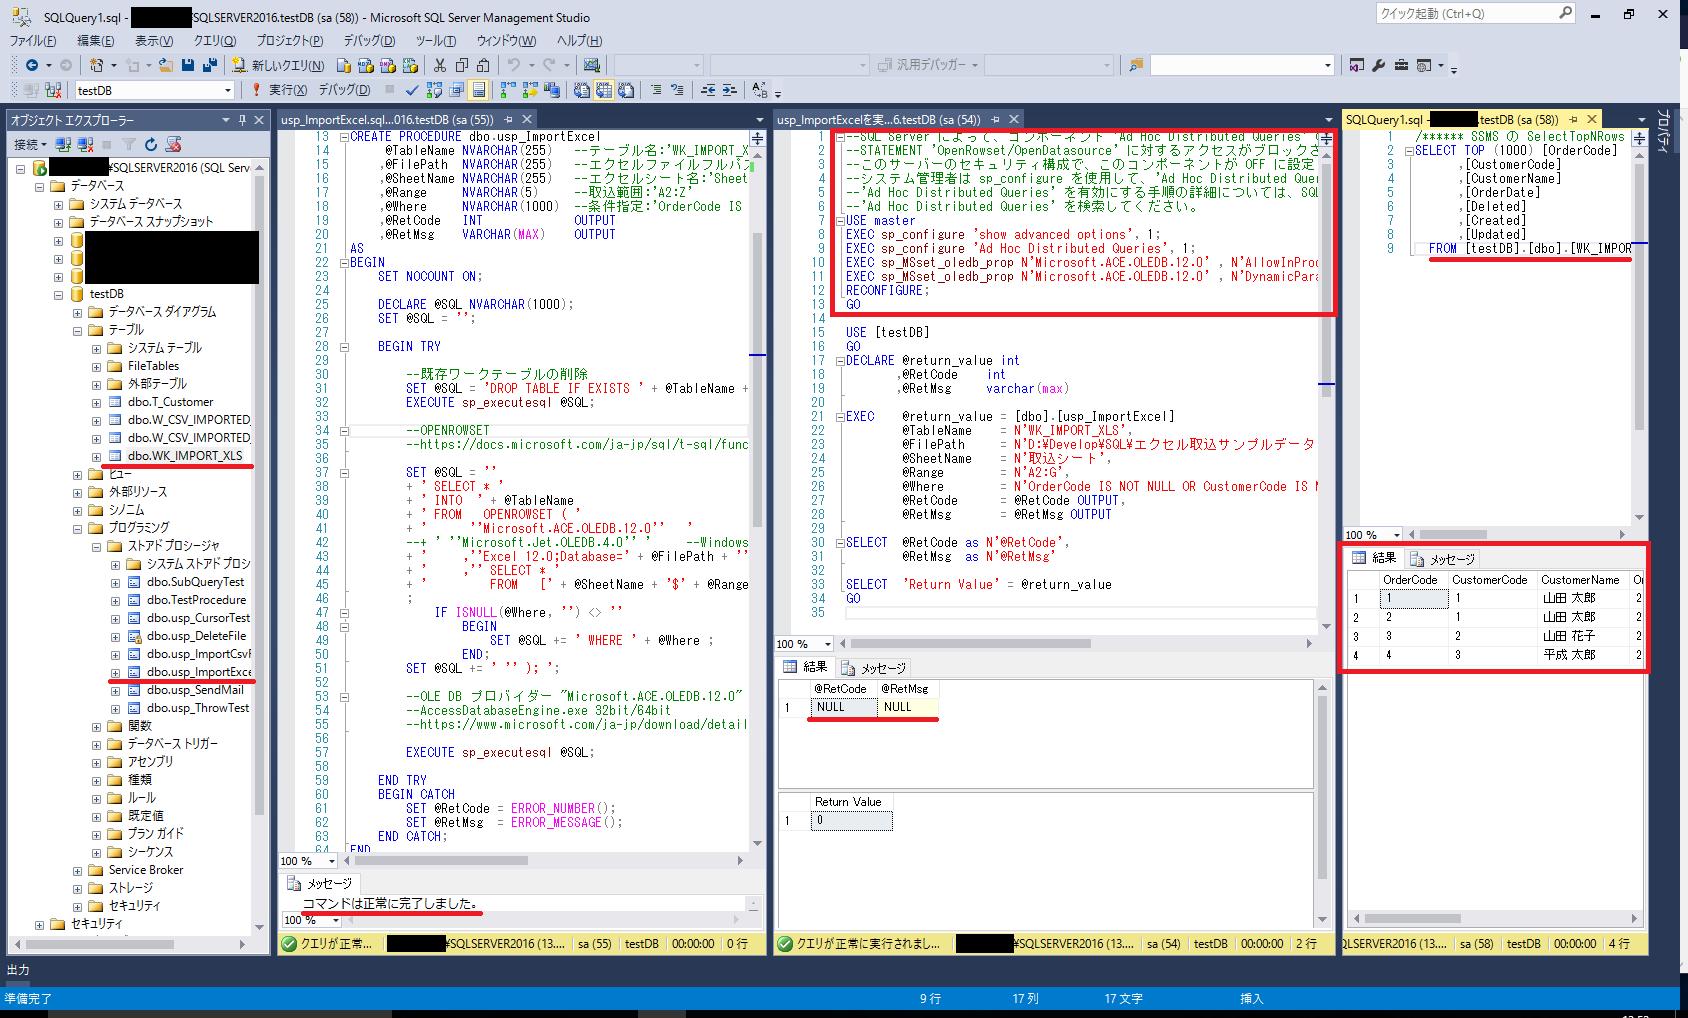 sqlserver_import_excel_01.png